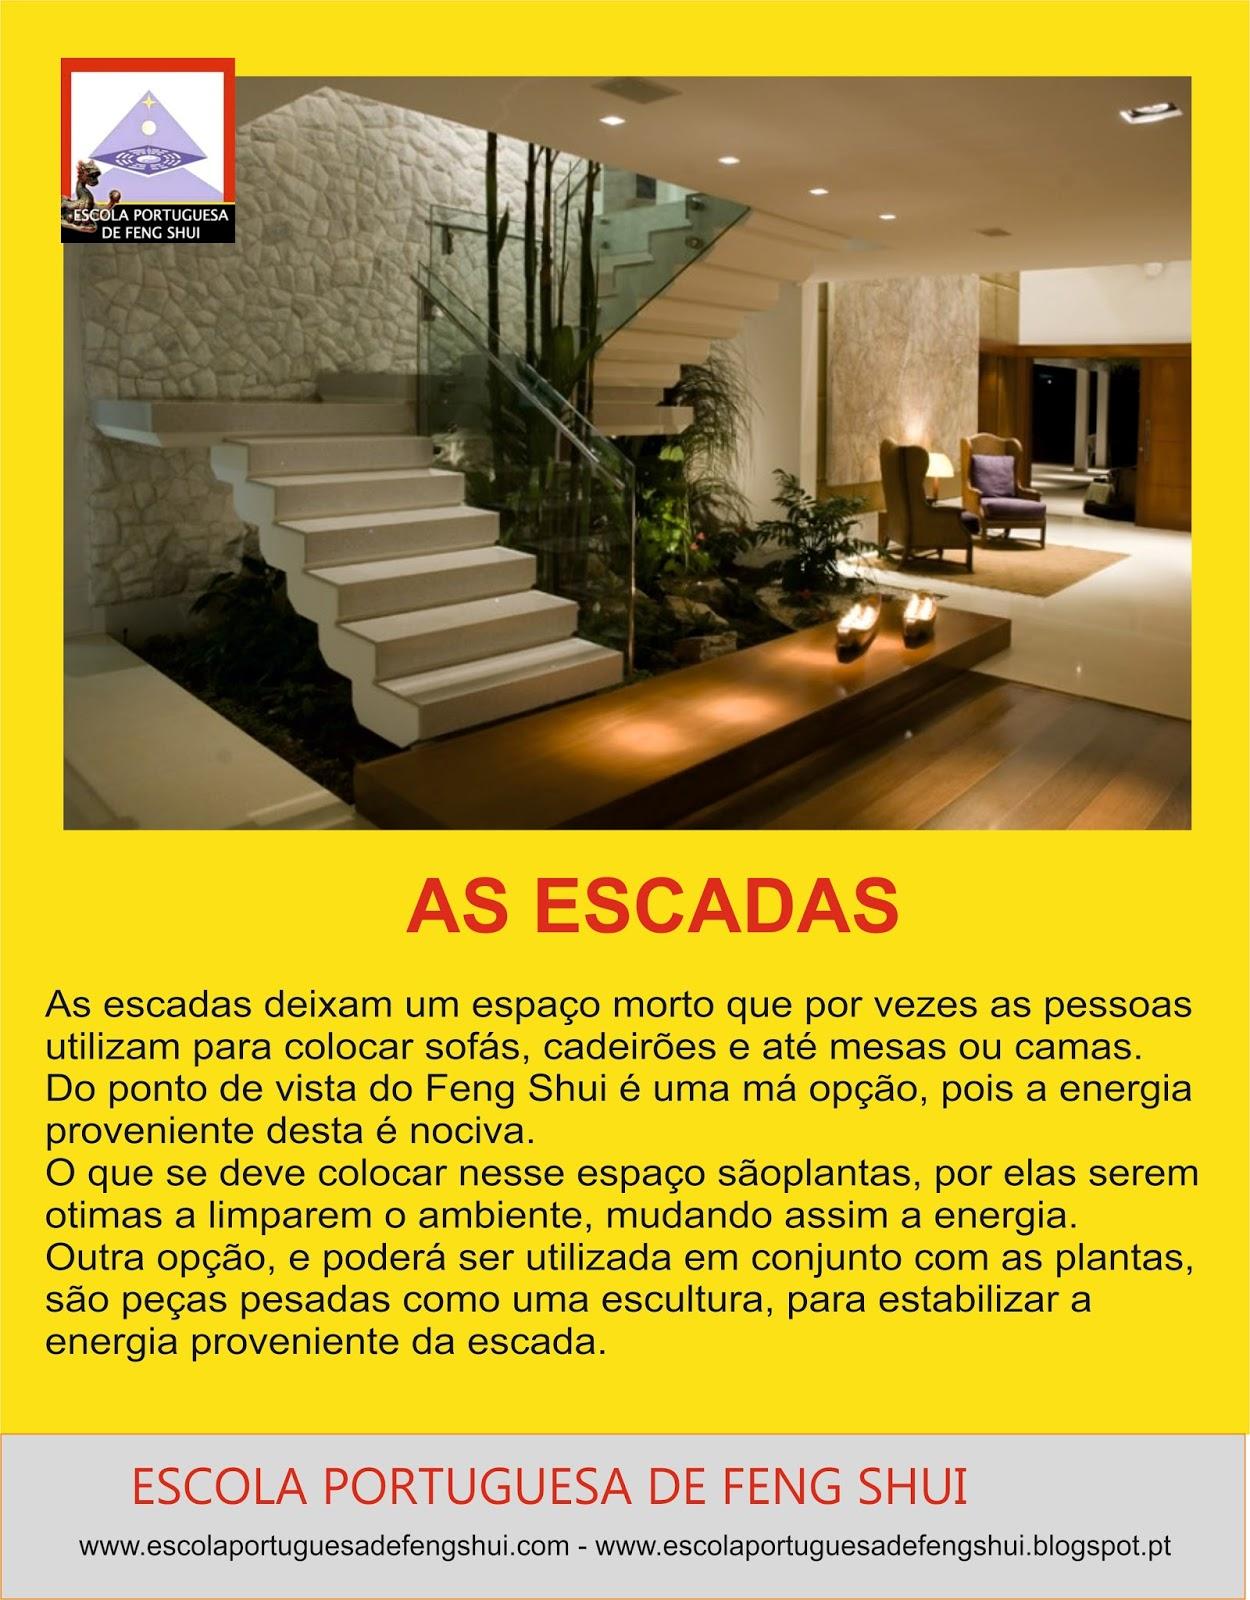 Feng shui escola portuguesa as escadas for Plantas para interiores feng shui